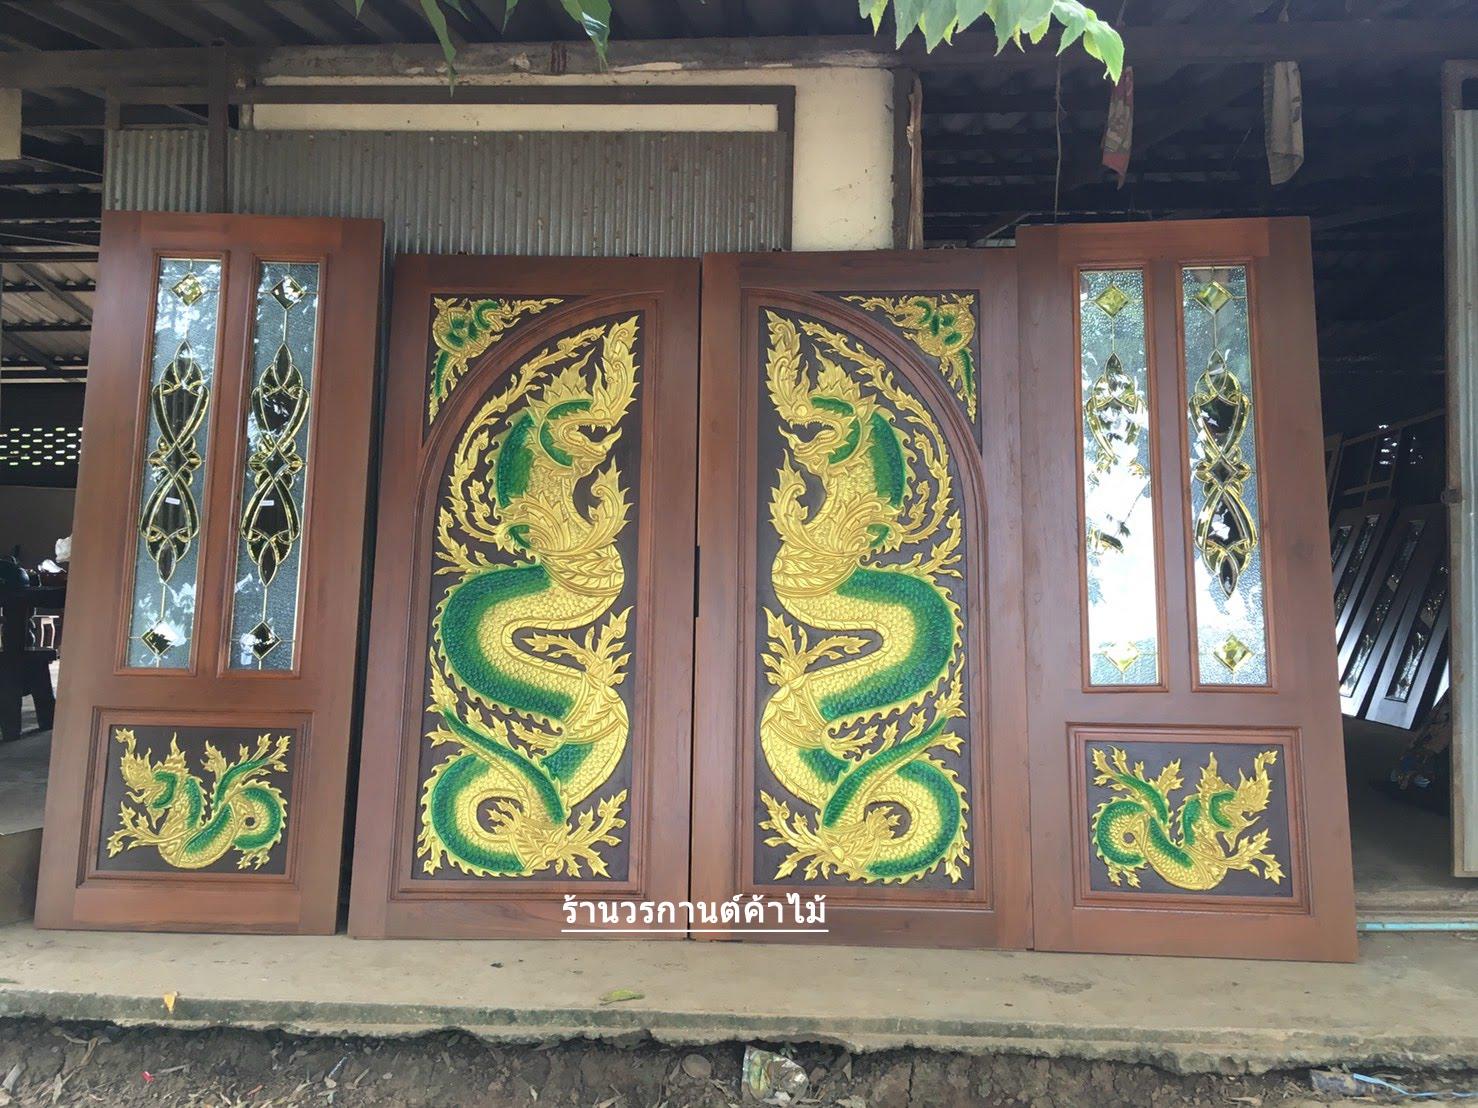 ประตูไม้สักบานคู่แกะพญานาค บานเลื่อน ชุด 4ชิ้น รหัส AAA14